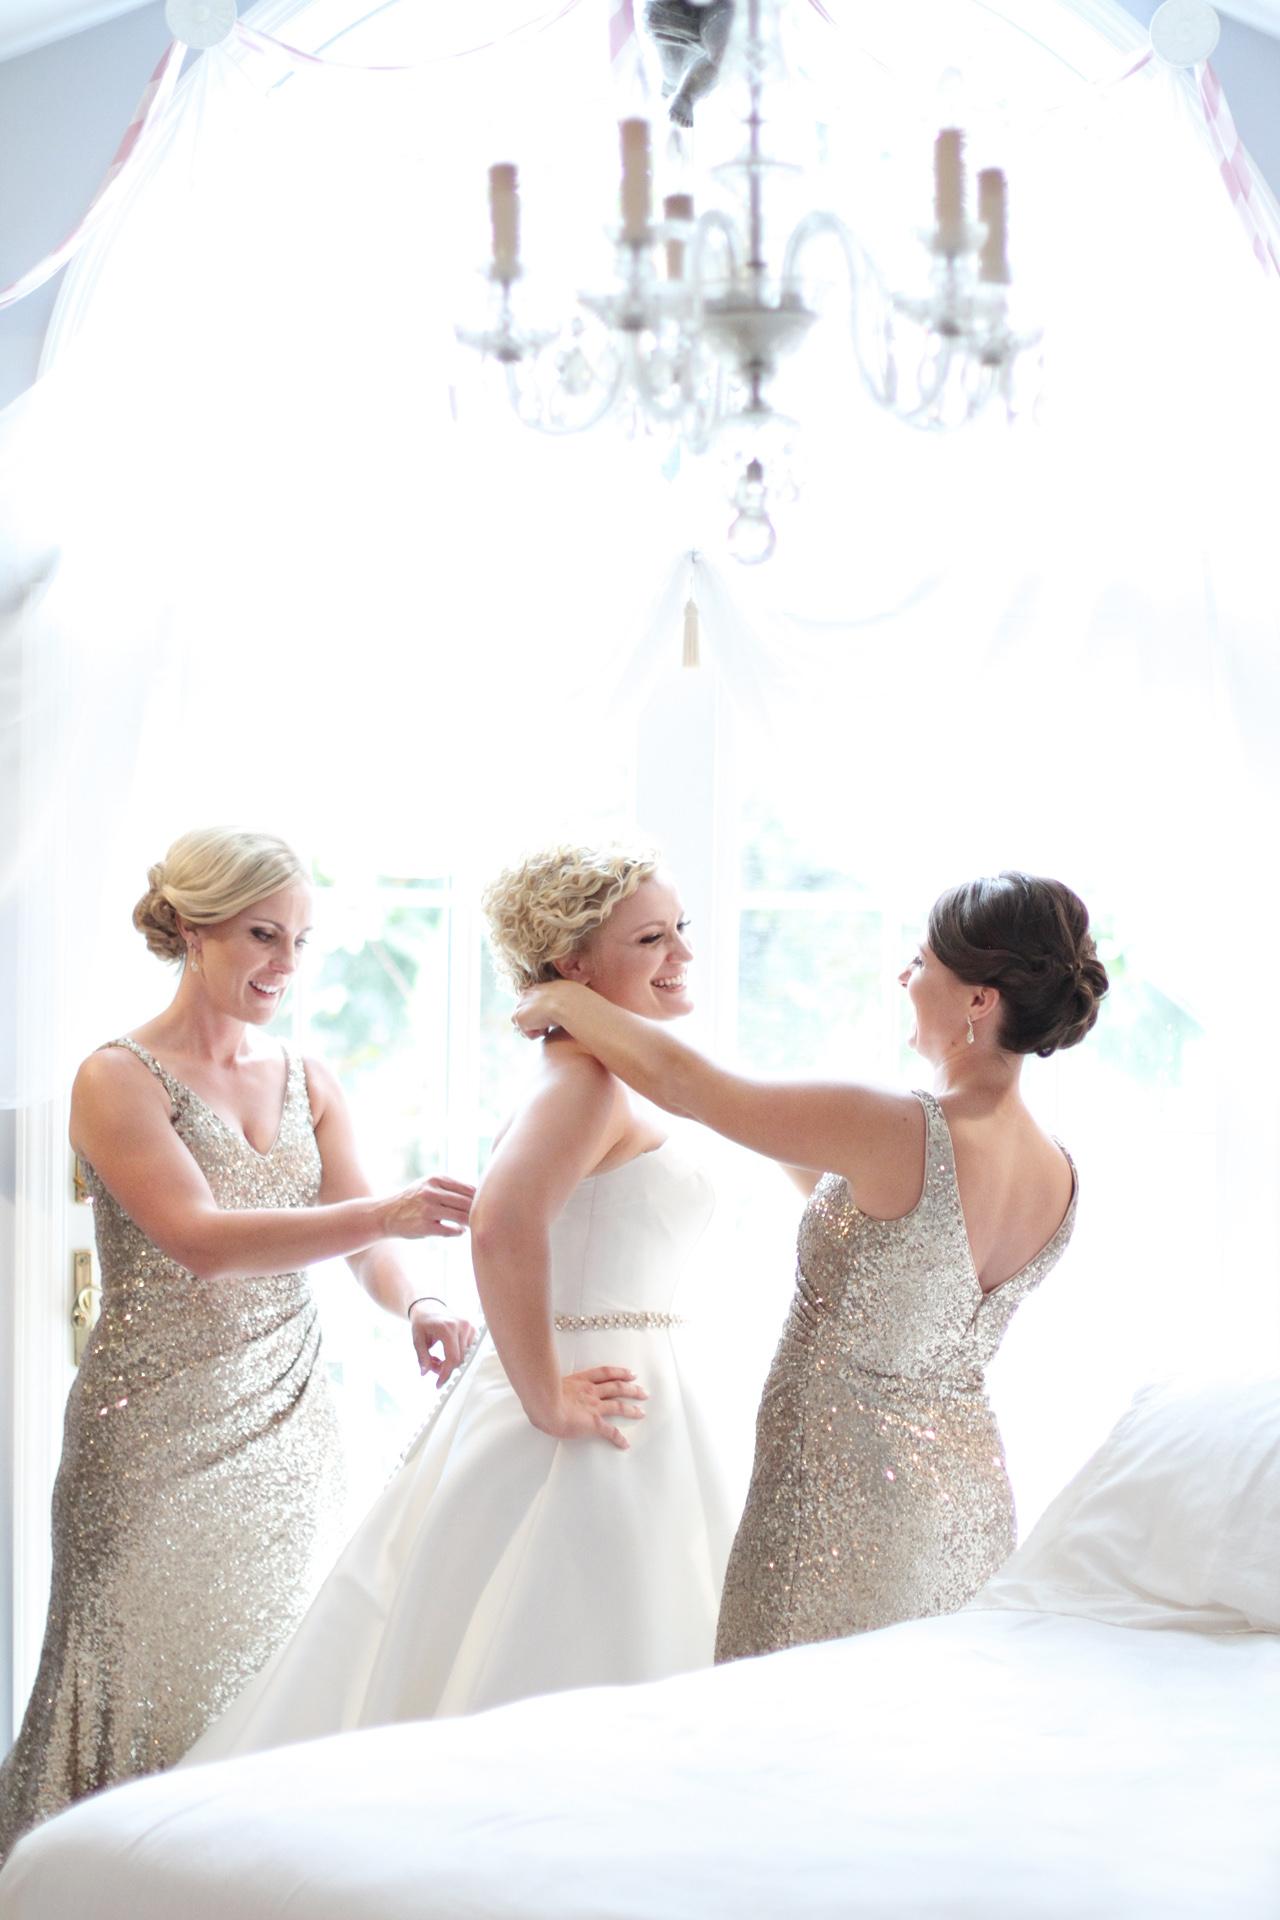 sisters-help-bride